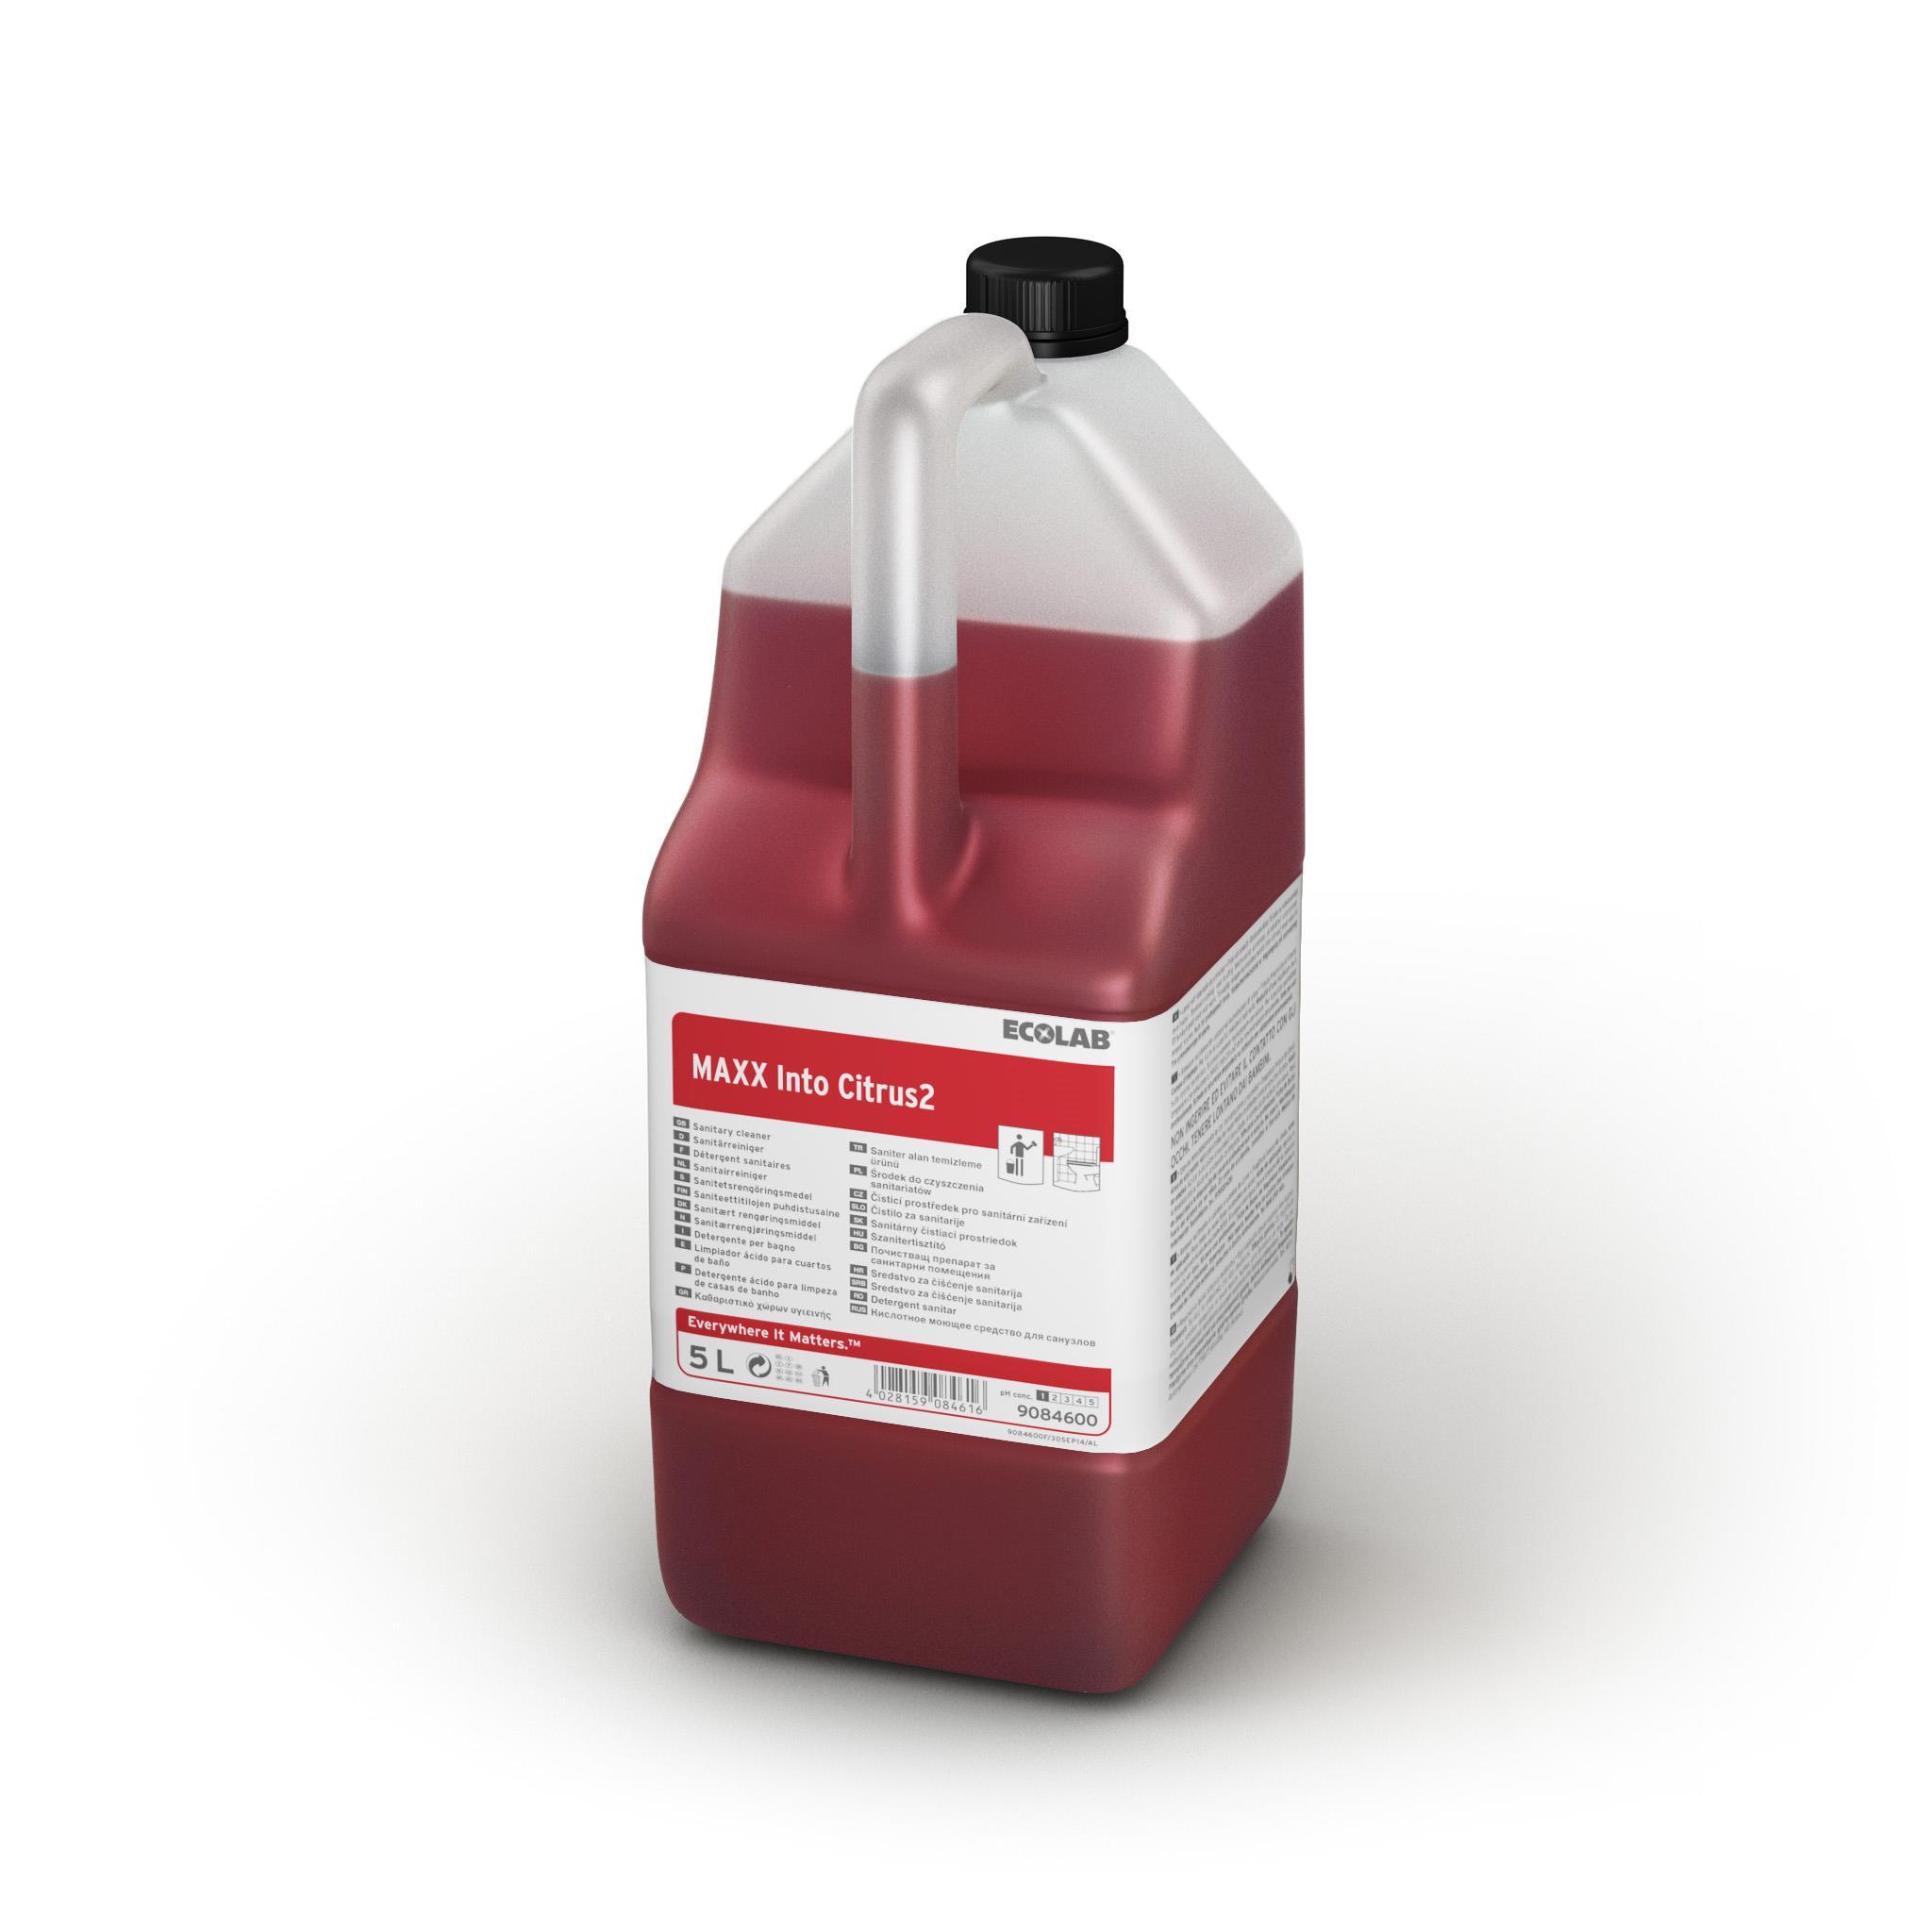 Detergent Sanitar Cu Parfum De Citrice Maxx2 Into Citrus 5l Ecolab sanito.ro